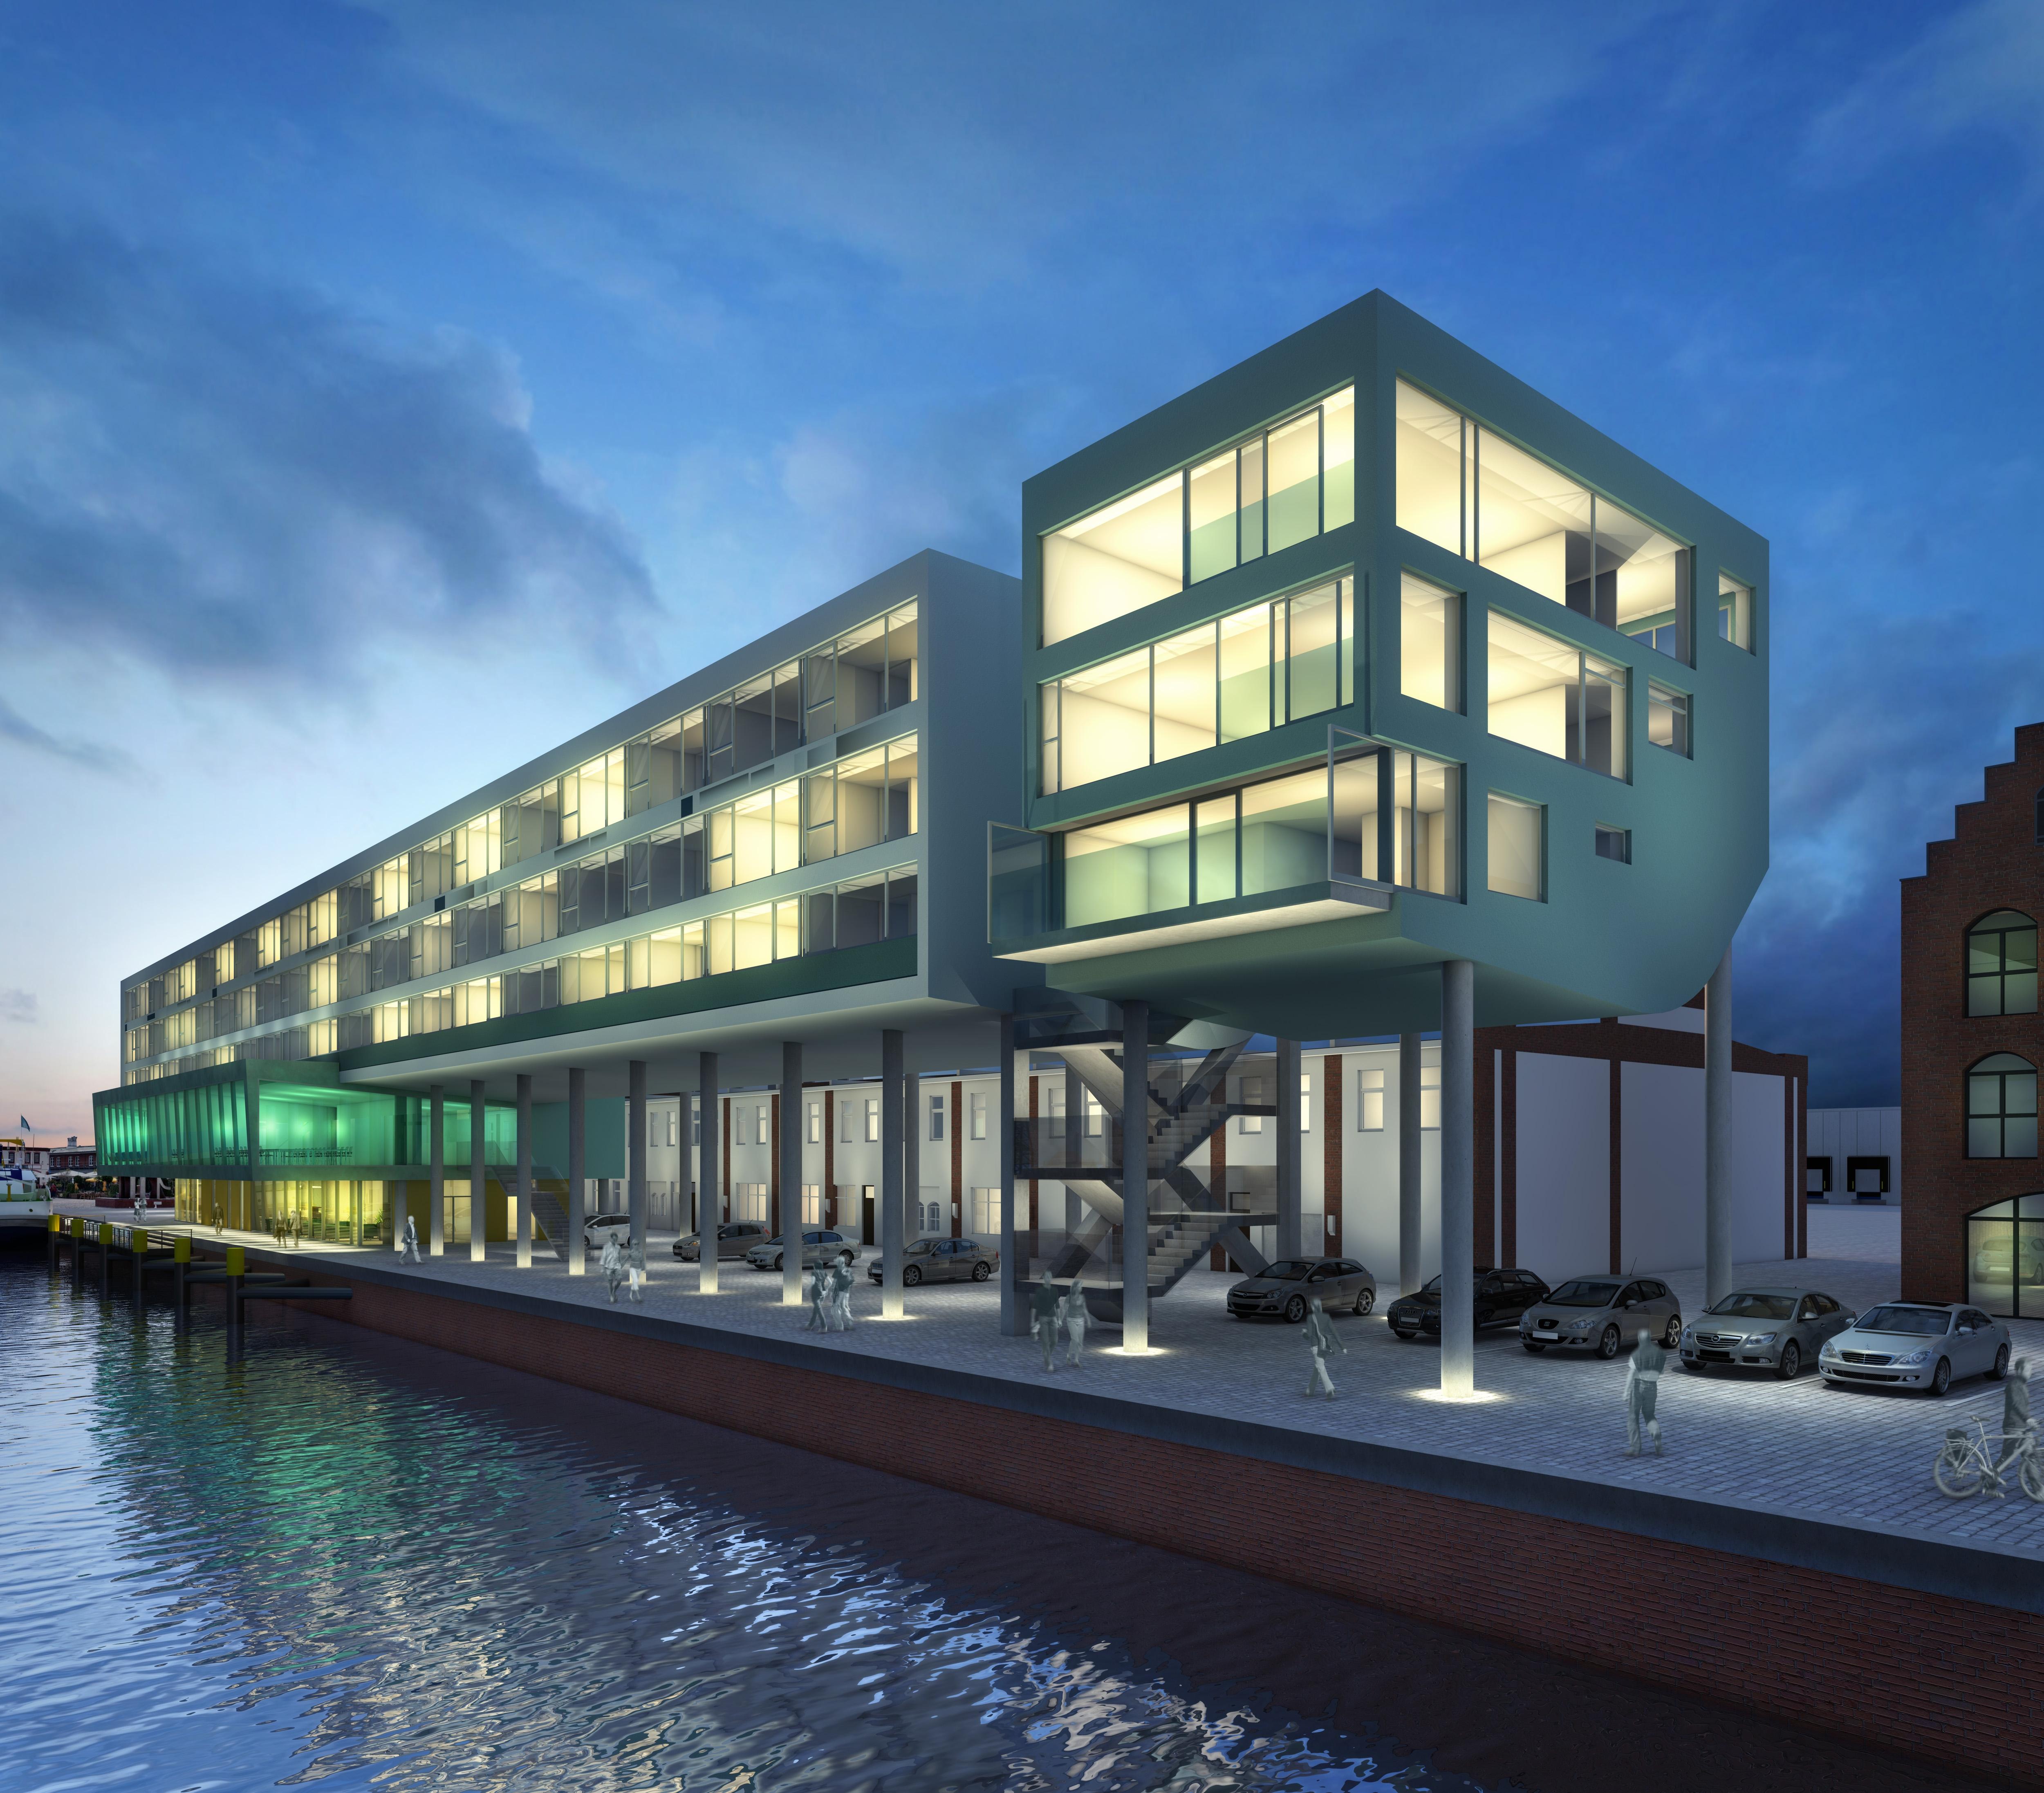 Best Western Hotel Bremerhaven: Eröffnung ist im April 2013